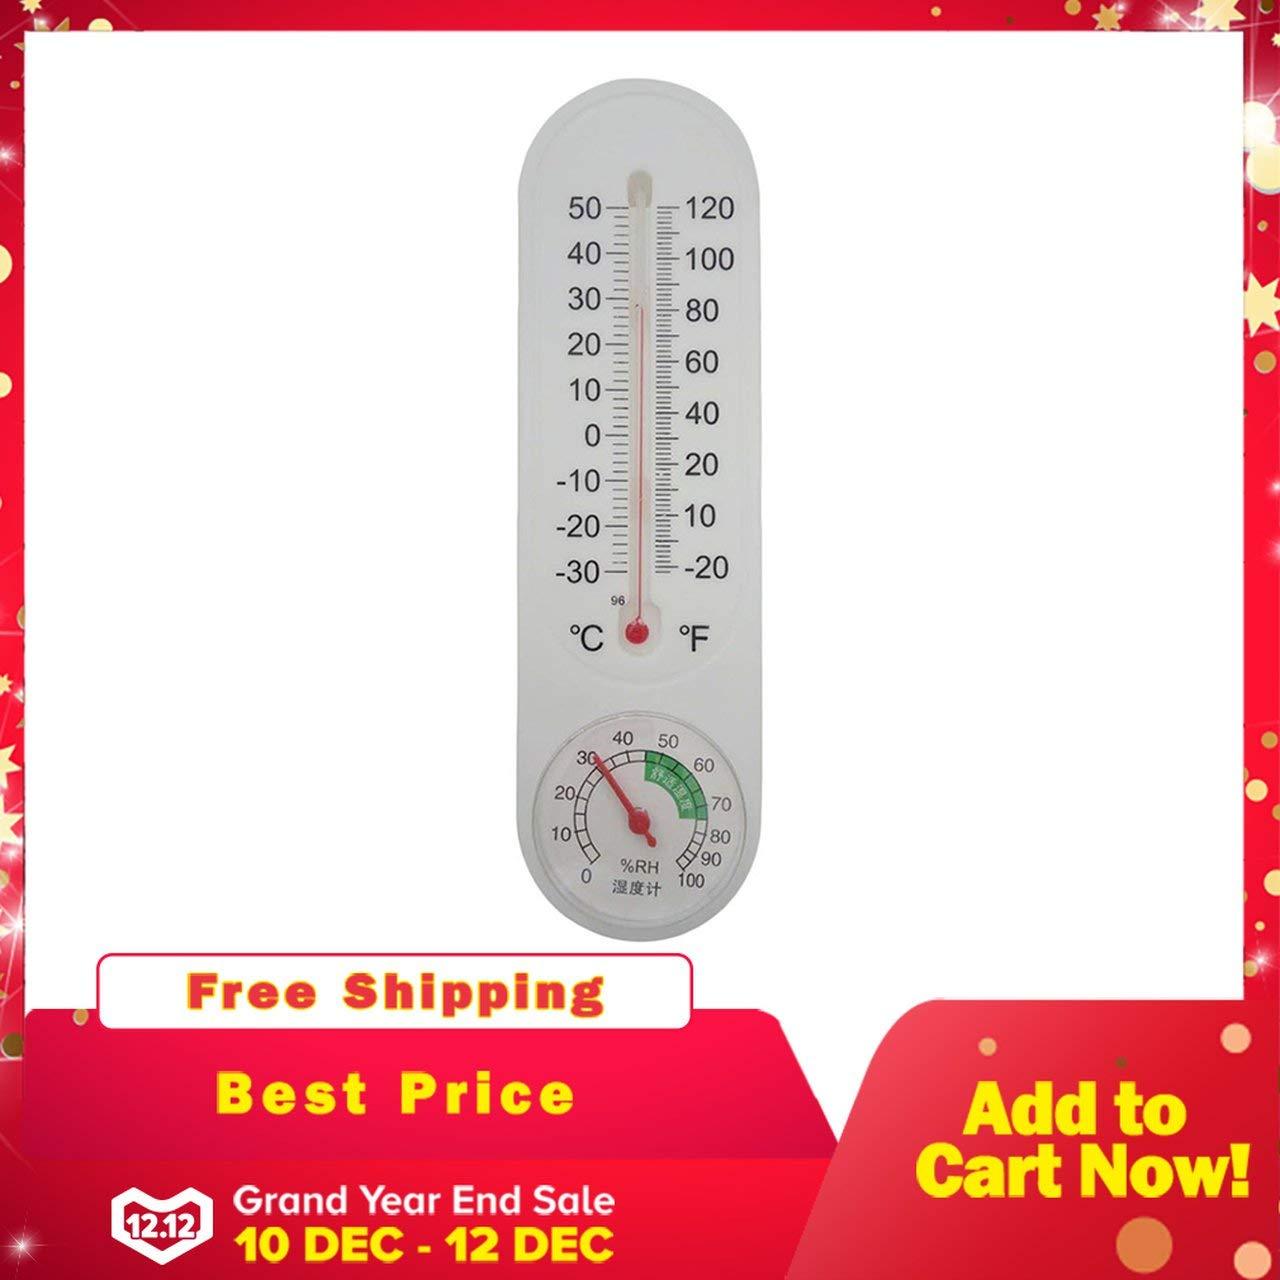 Jasnyfall Thermometer Luftfeuchtigkeit Meistverkaufte Analog Haushaltsthermometer Hygrometer Wand Tester Messen Hause Beliebte Neue wei/ß